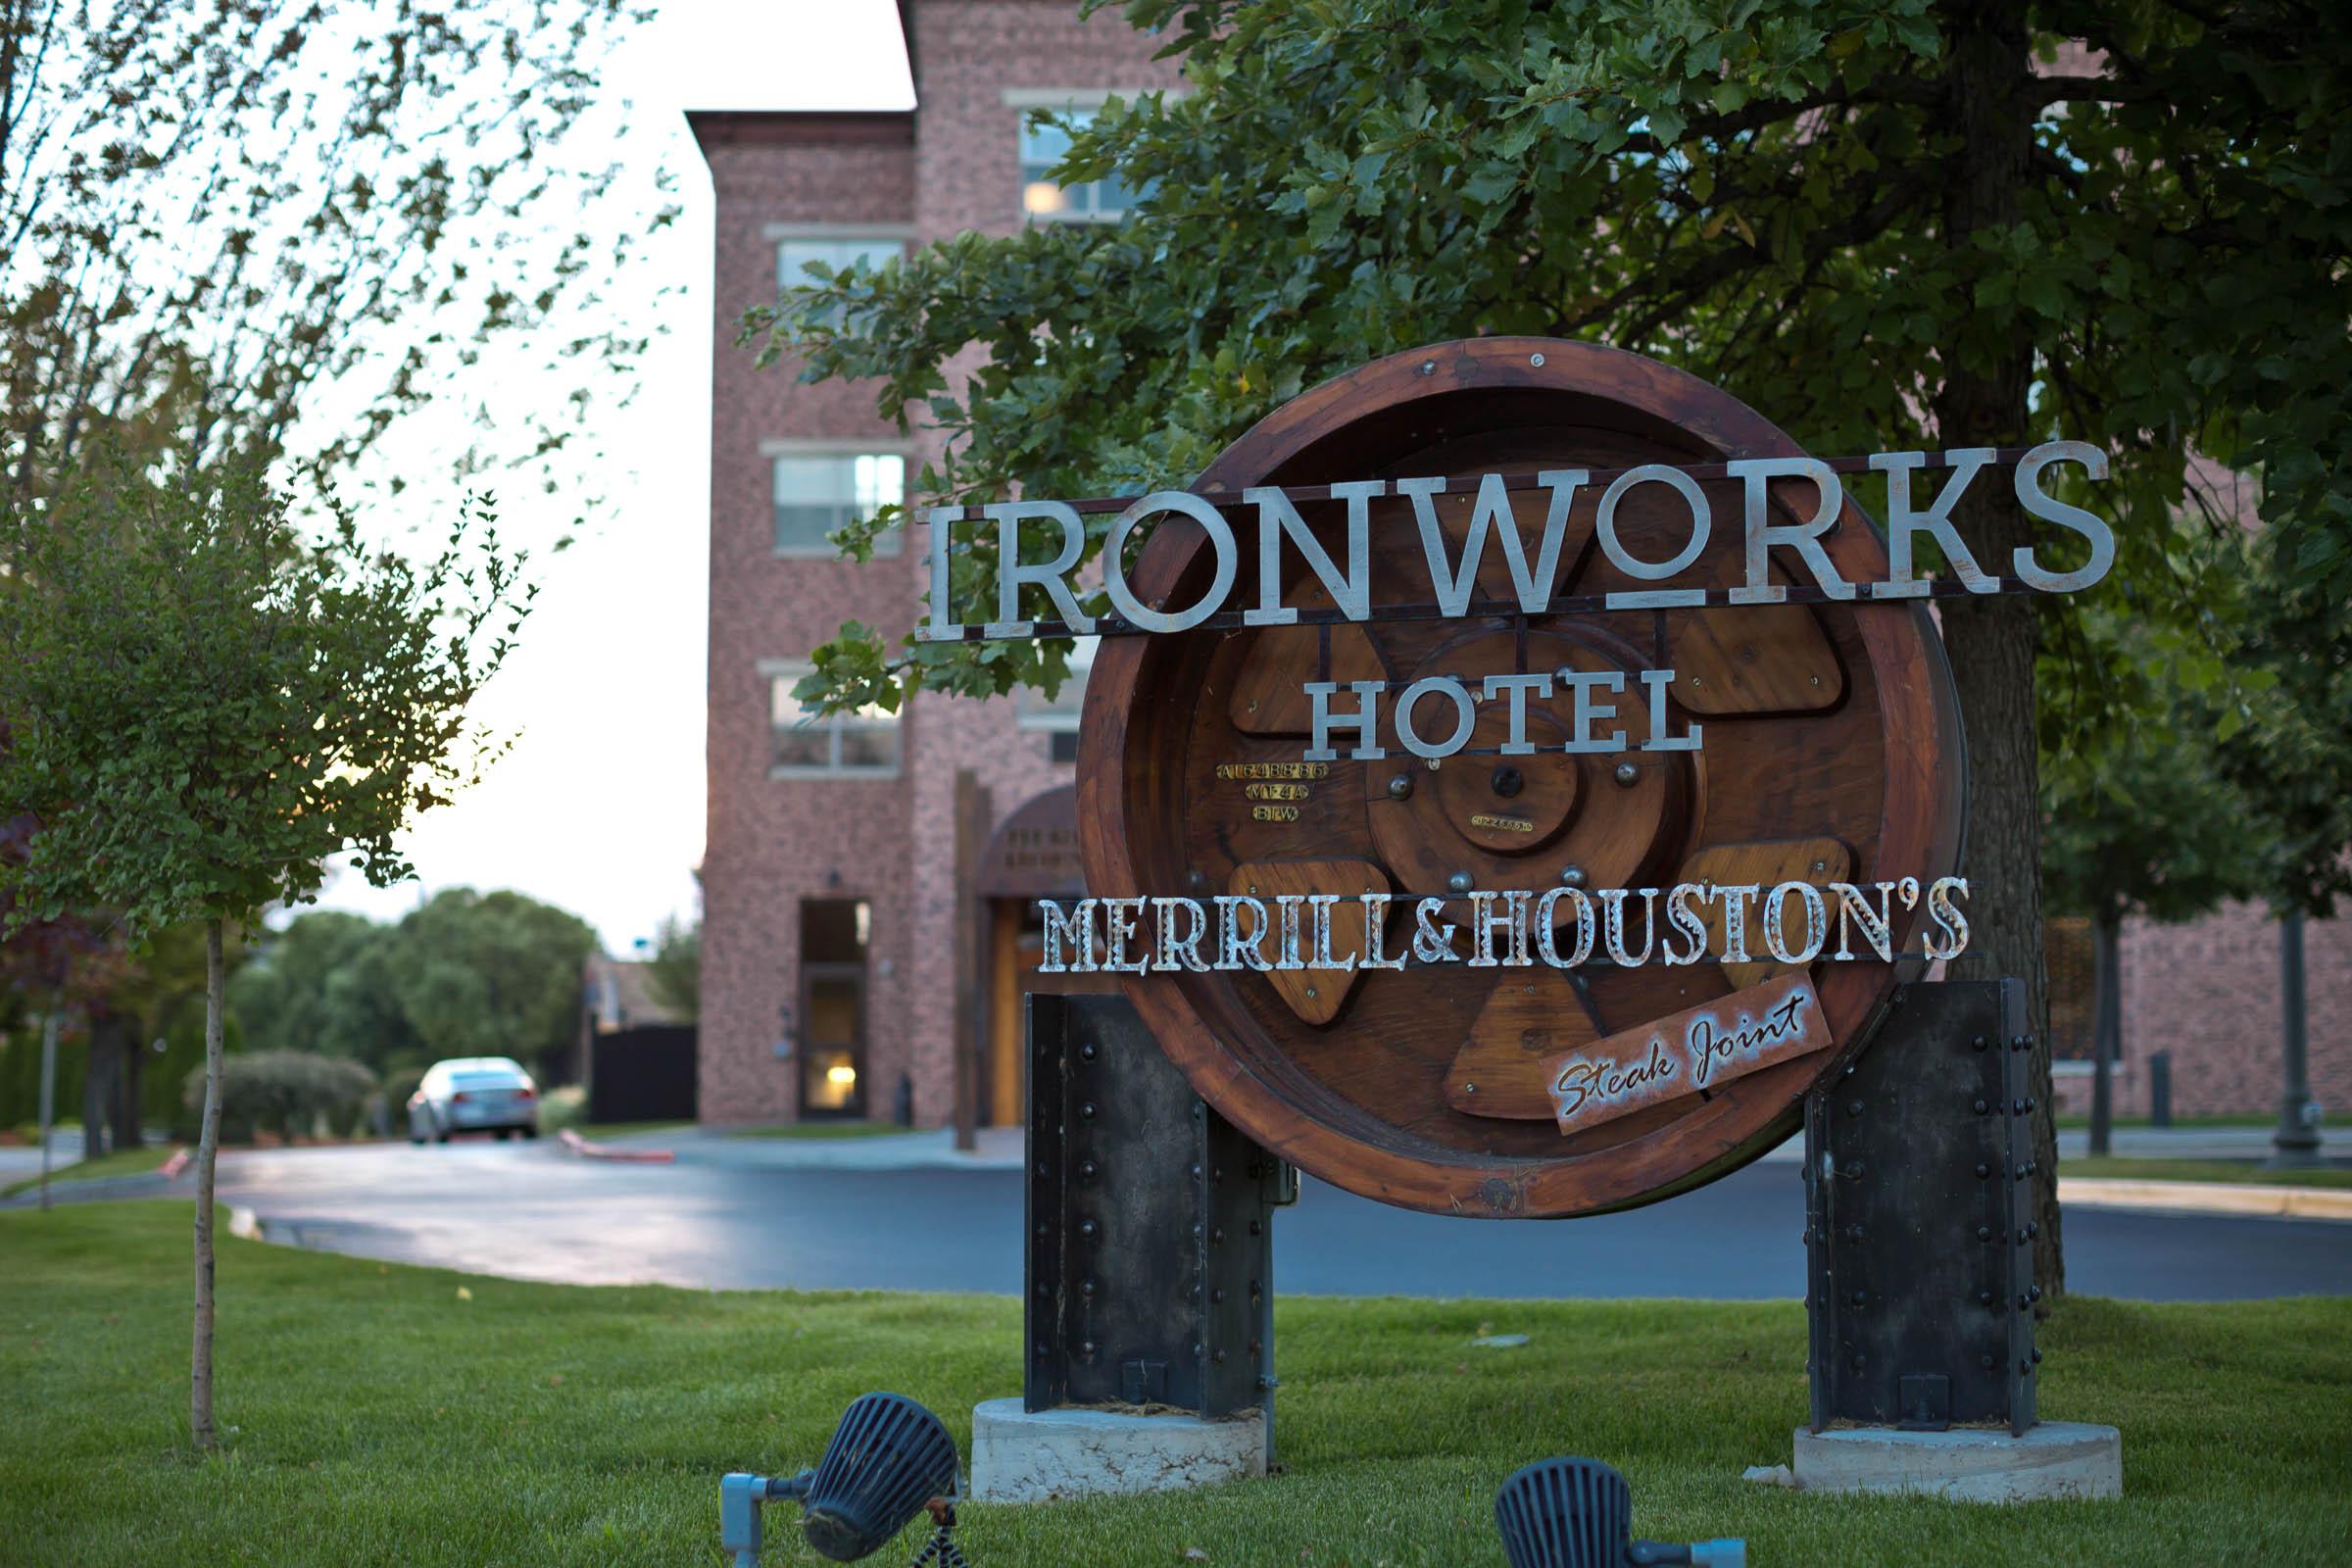 Ironworks Hotel Merrill Houstons Steakjoint Peer Canvas | 052.jpg